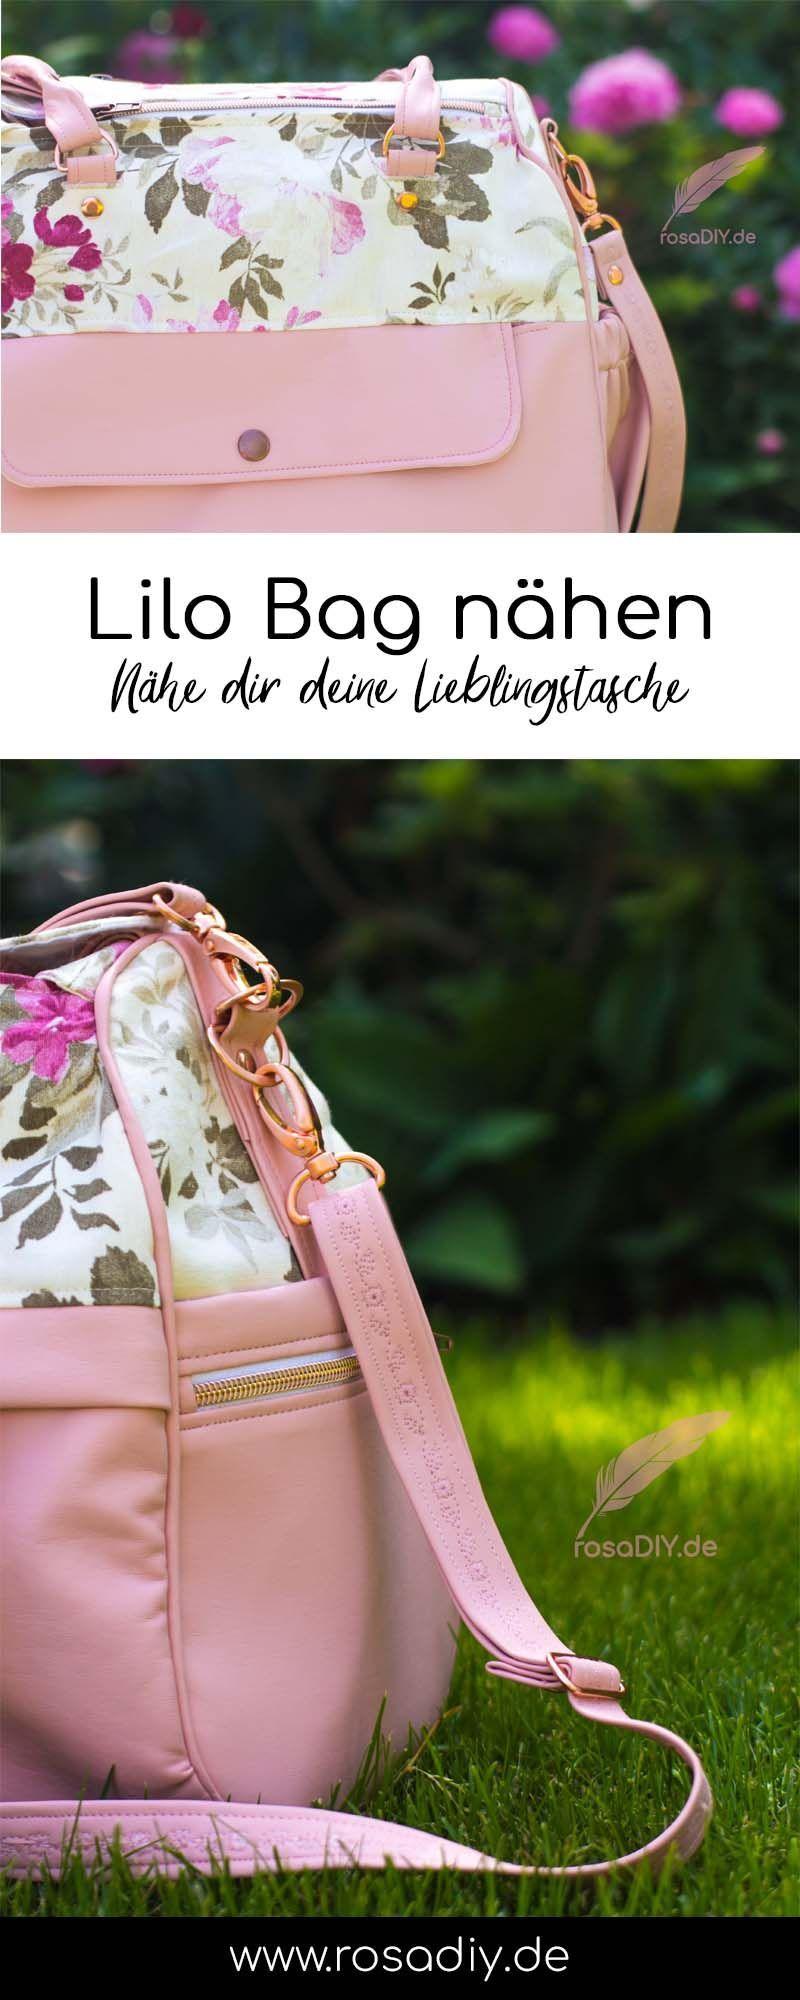 Photo of Lilo Bag ist da – rosaDIY – Schöne Dinge machen das Leben schöner!